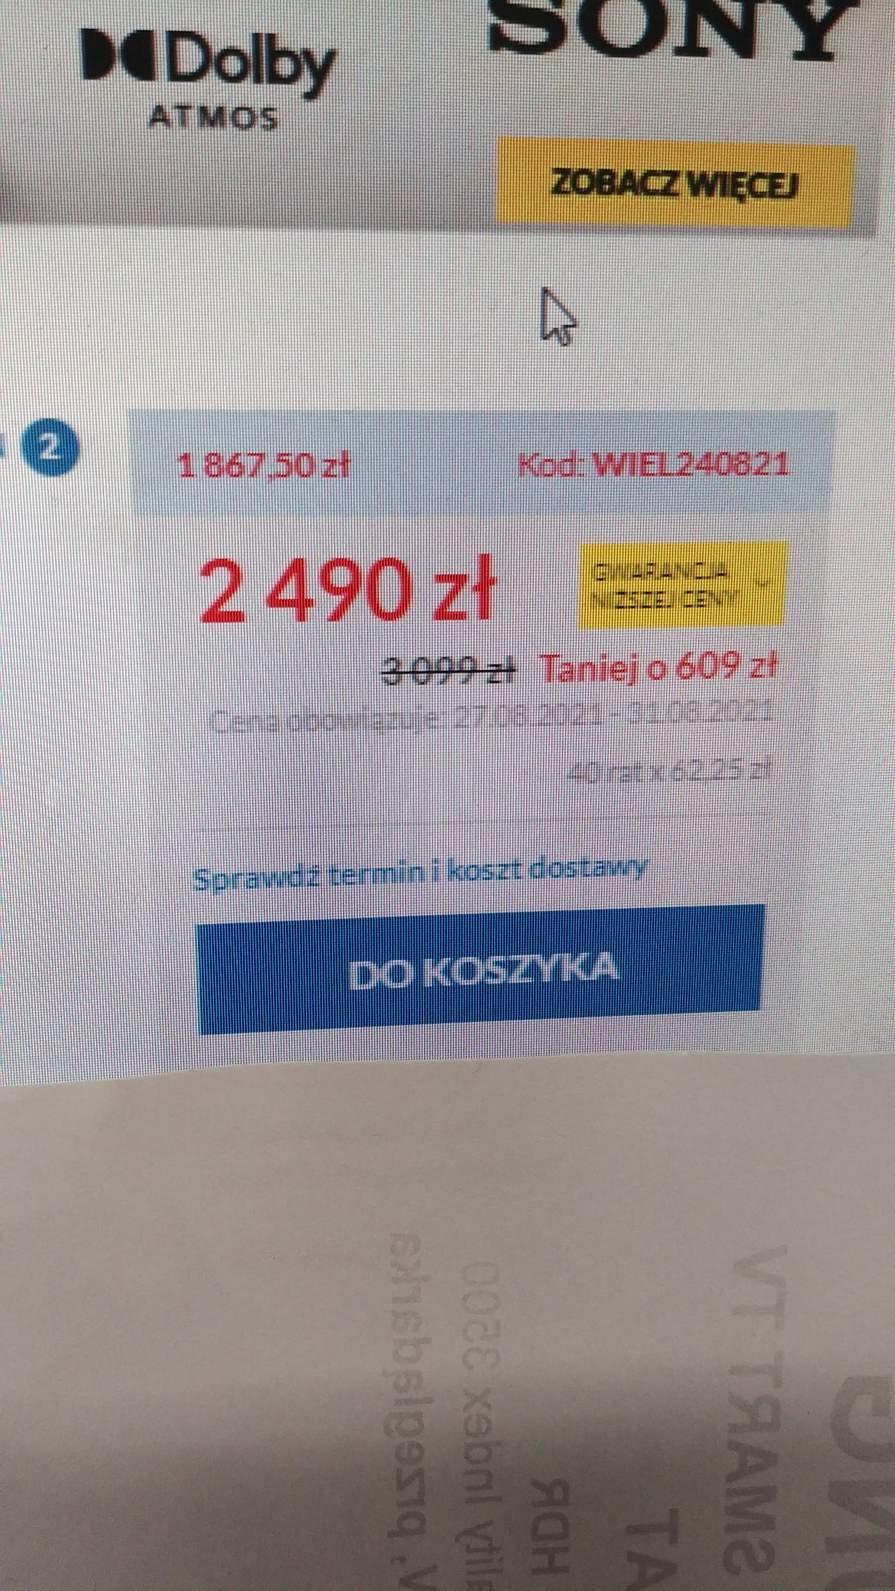 430321_1.jpg